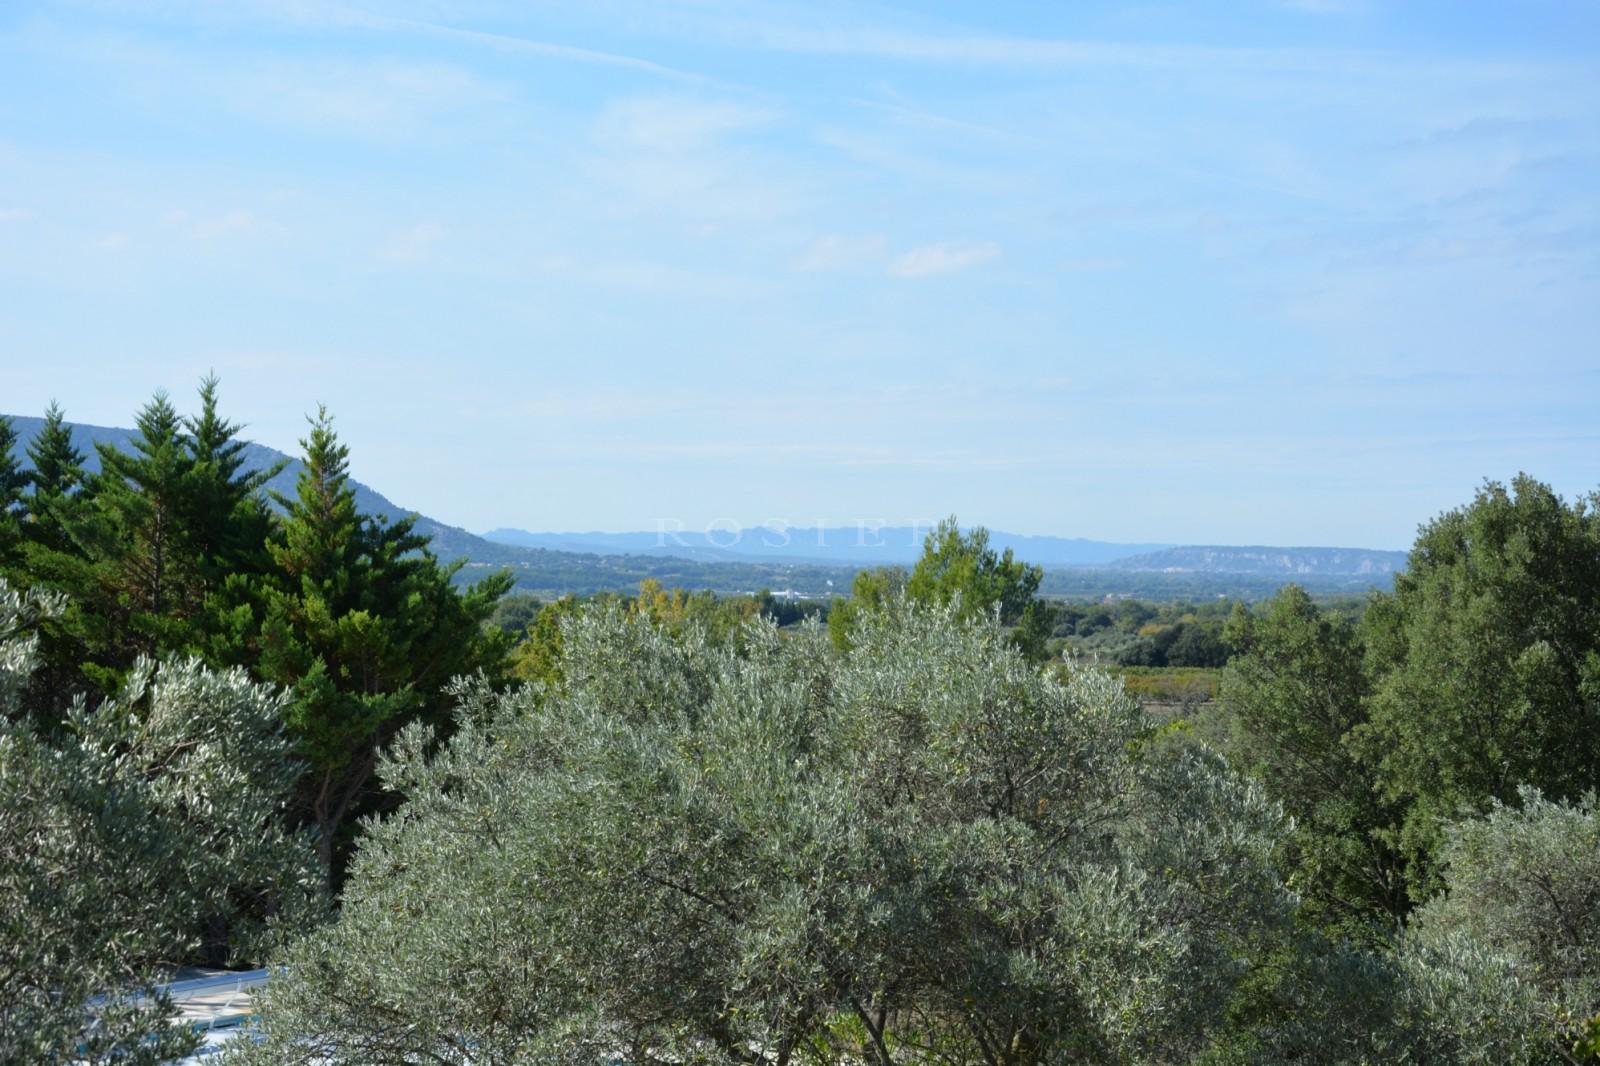 A quelques minutes du village de Gordes, en position dominante et bénéficiant de vues sur le Luberon et les Alpilles, maison de charme en pierres totalement rénovée